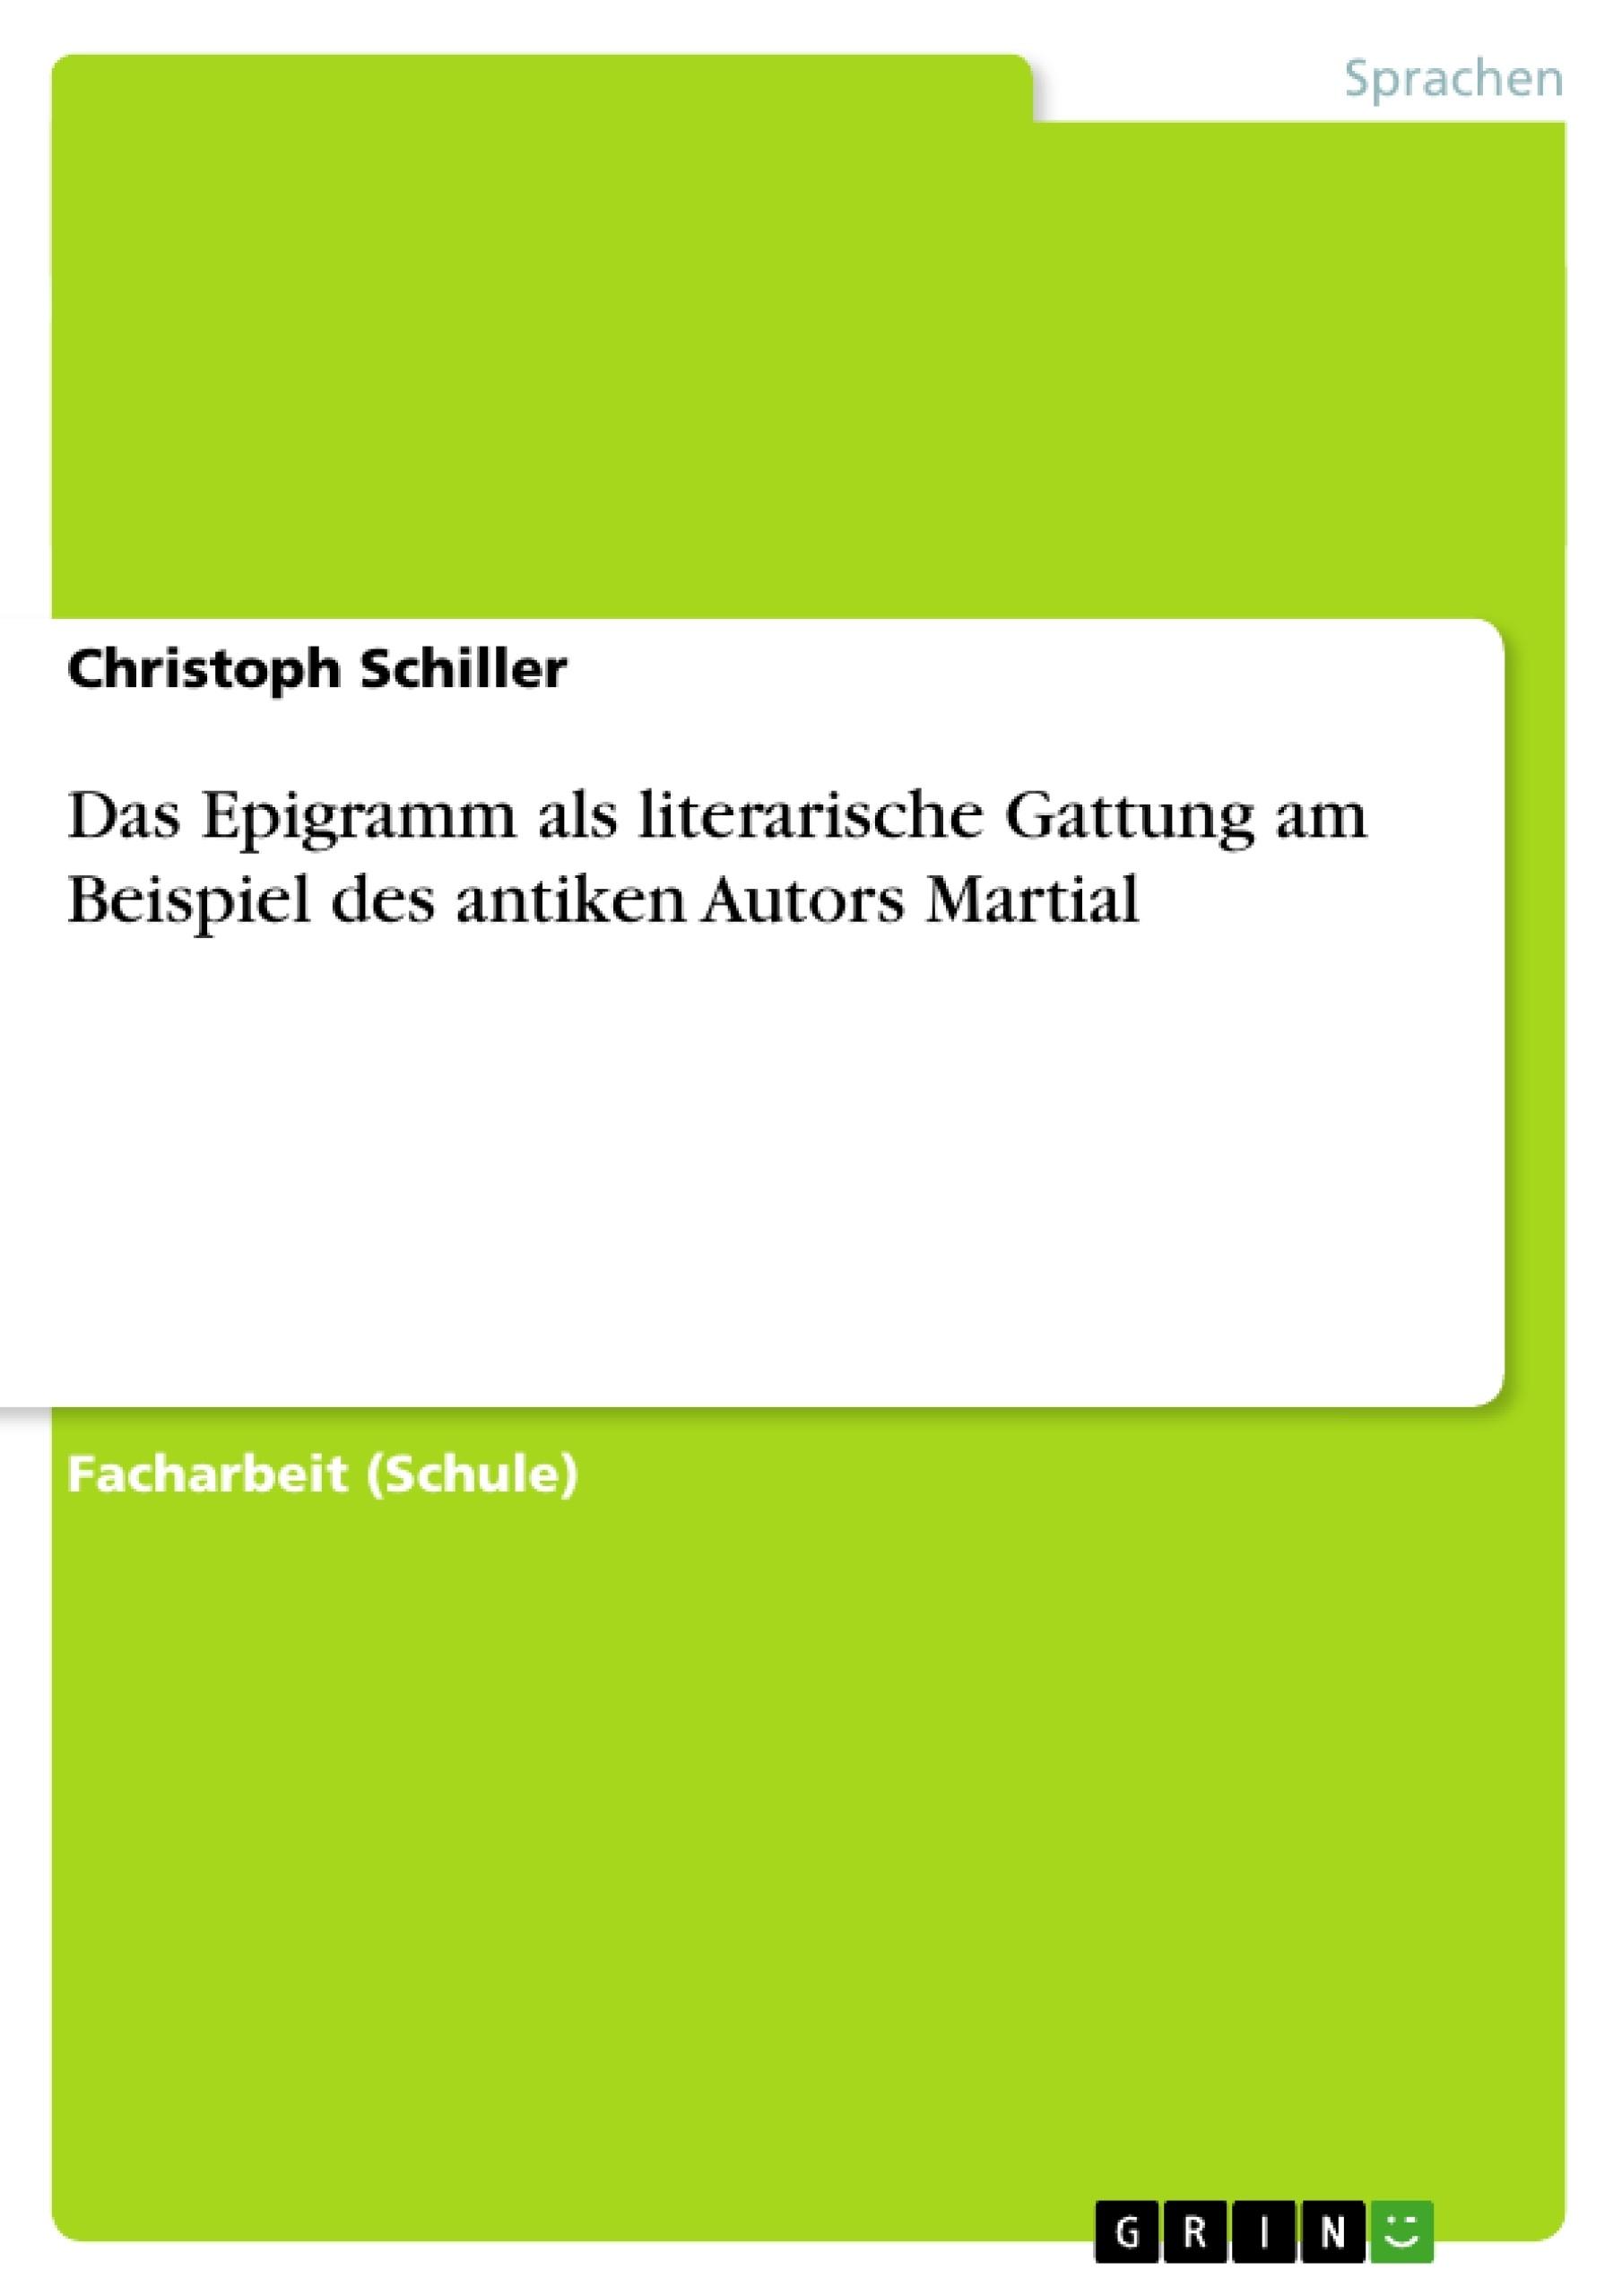 Titel: Das Epigramm als literarische Gattung am Beispiel des antiken Autors Martial